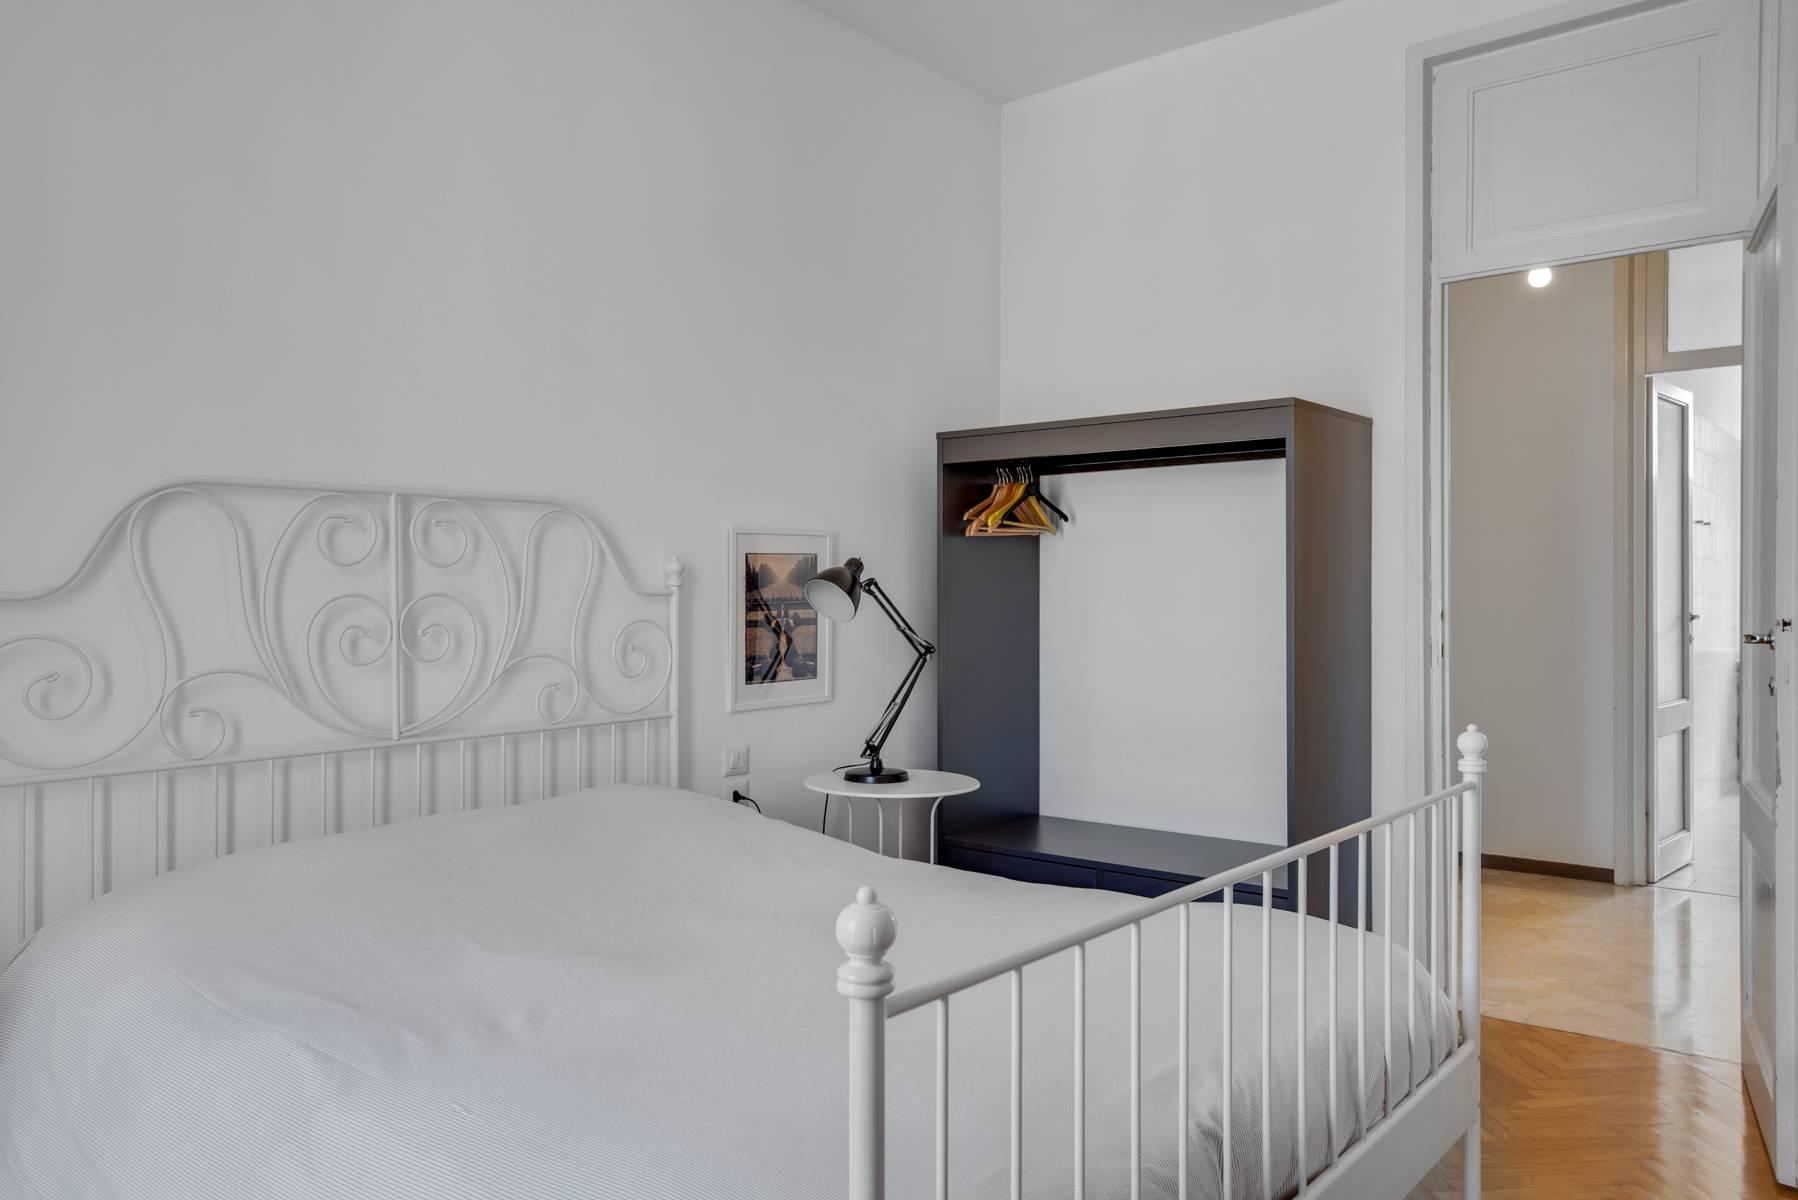 Appartamento in Affitto a Como: 3 locali, 80 mq - Foto 11